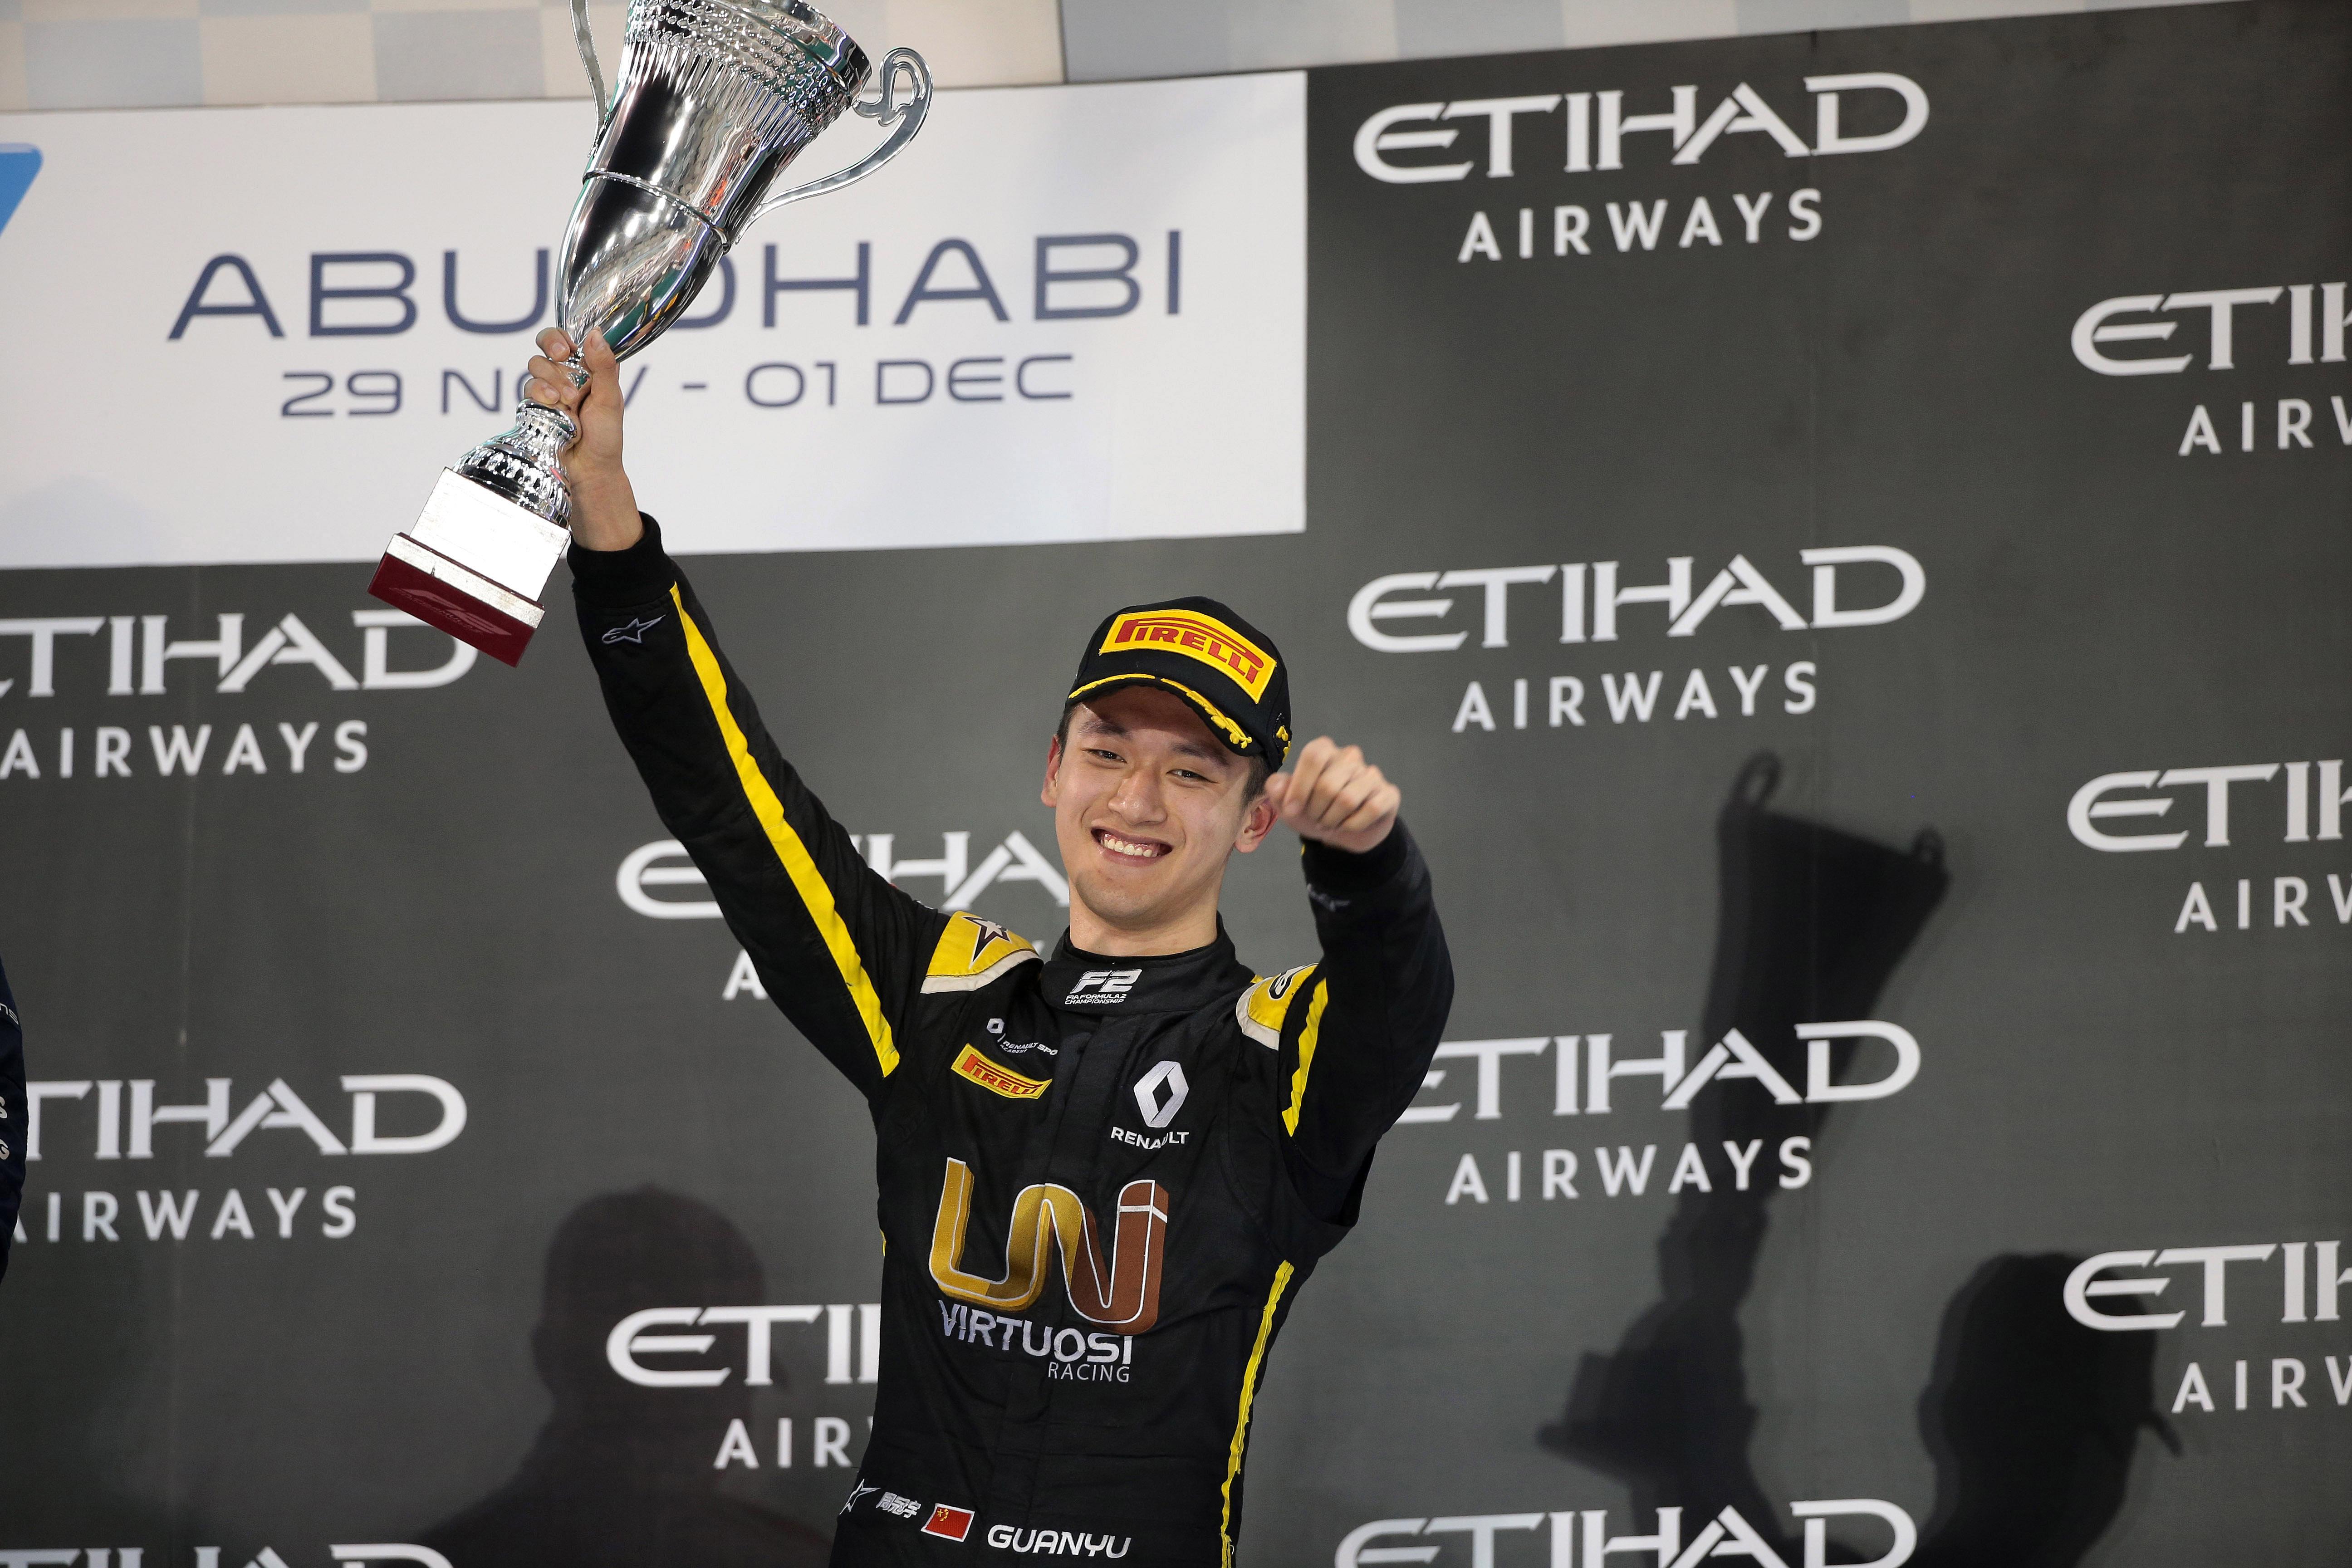 Motor Racing Fia Formula 2 Championship Saturday Yas Marina Circuit, Abu Dhabi